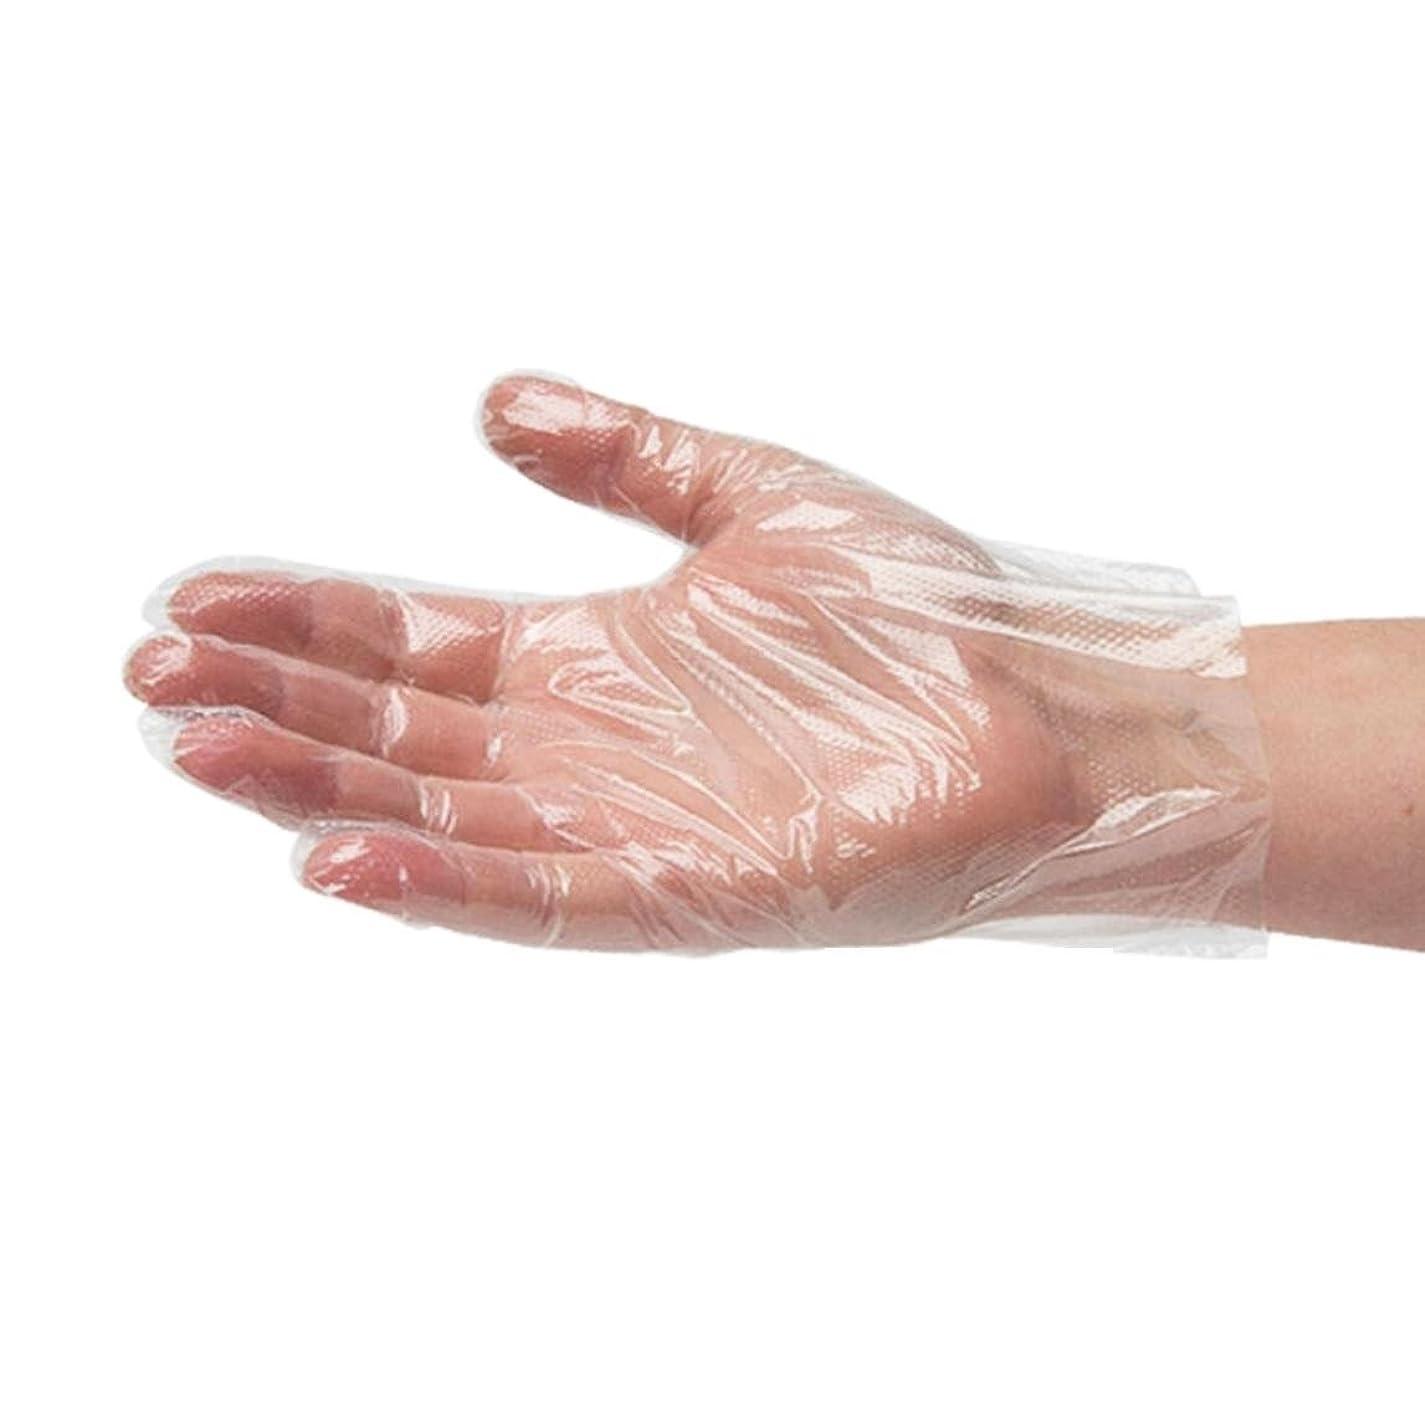 読む説教する完了KINGZUO 使い捨て 調理 ビニール極薄手袋 200枚入 使いきり手袋 (500枚)